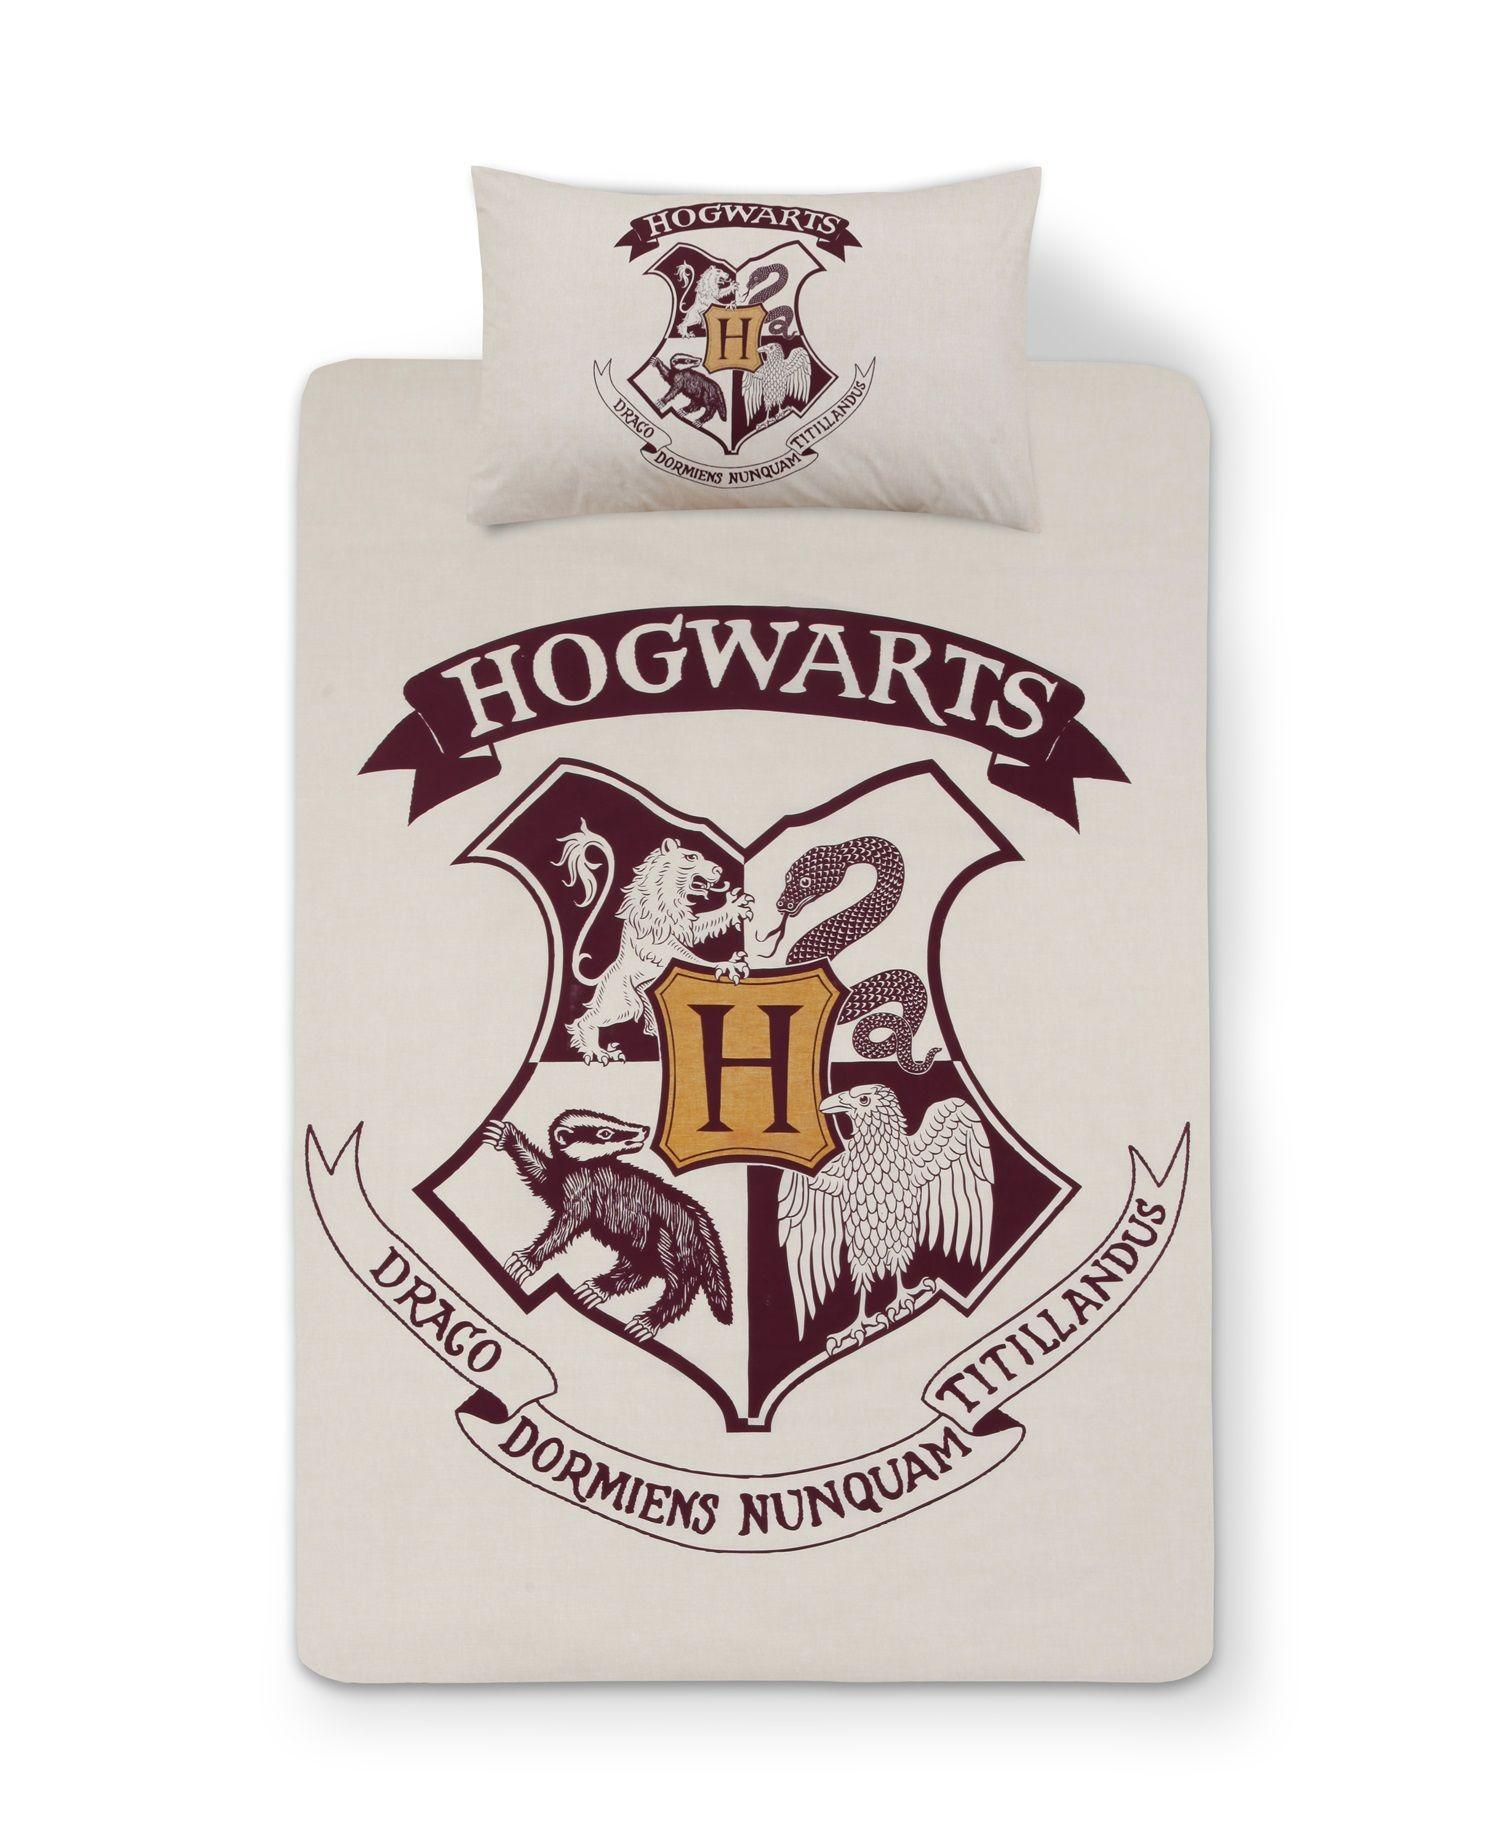 HARRY POTTER HOGWARTS Duvet Reversible Bed Set Primark